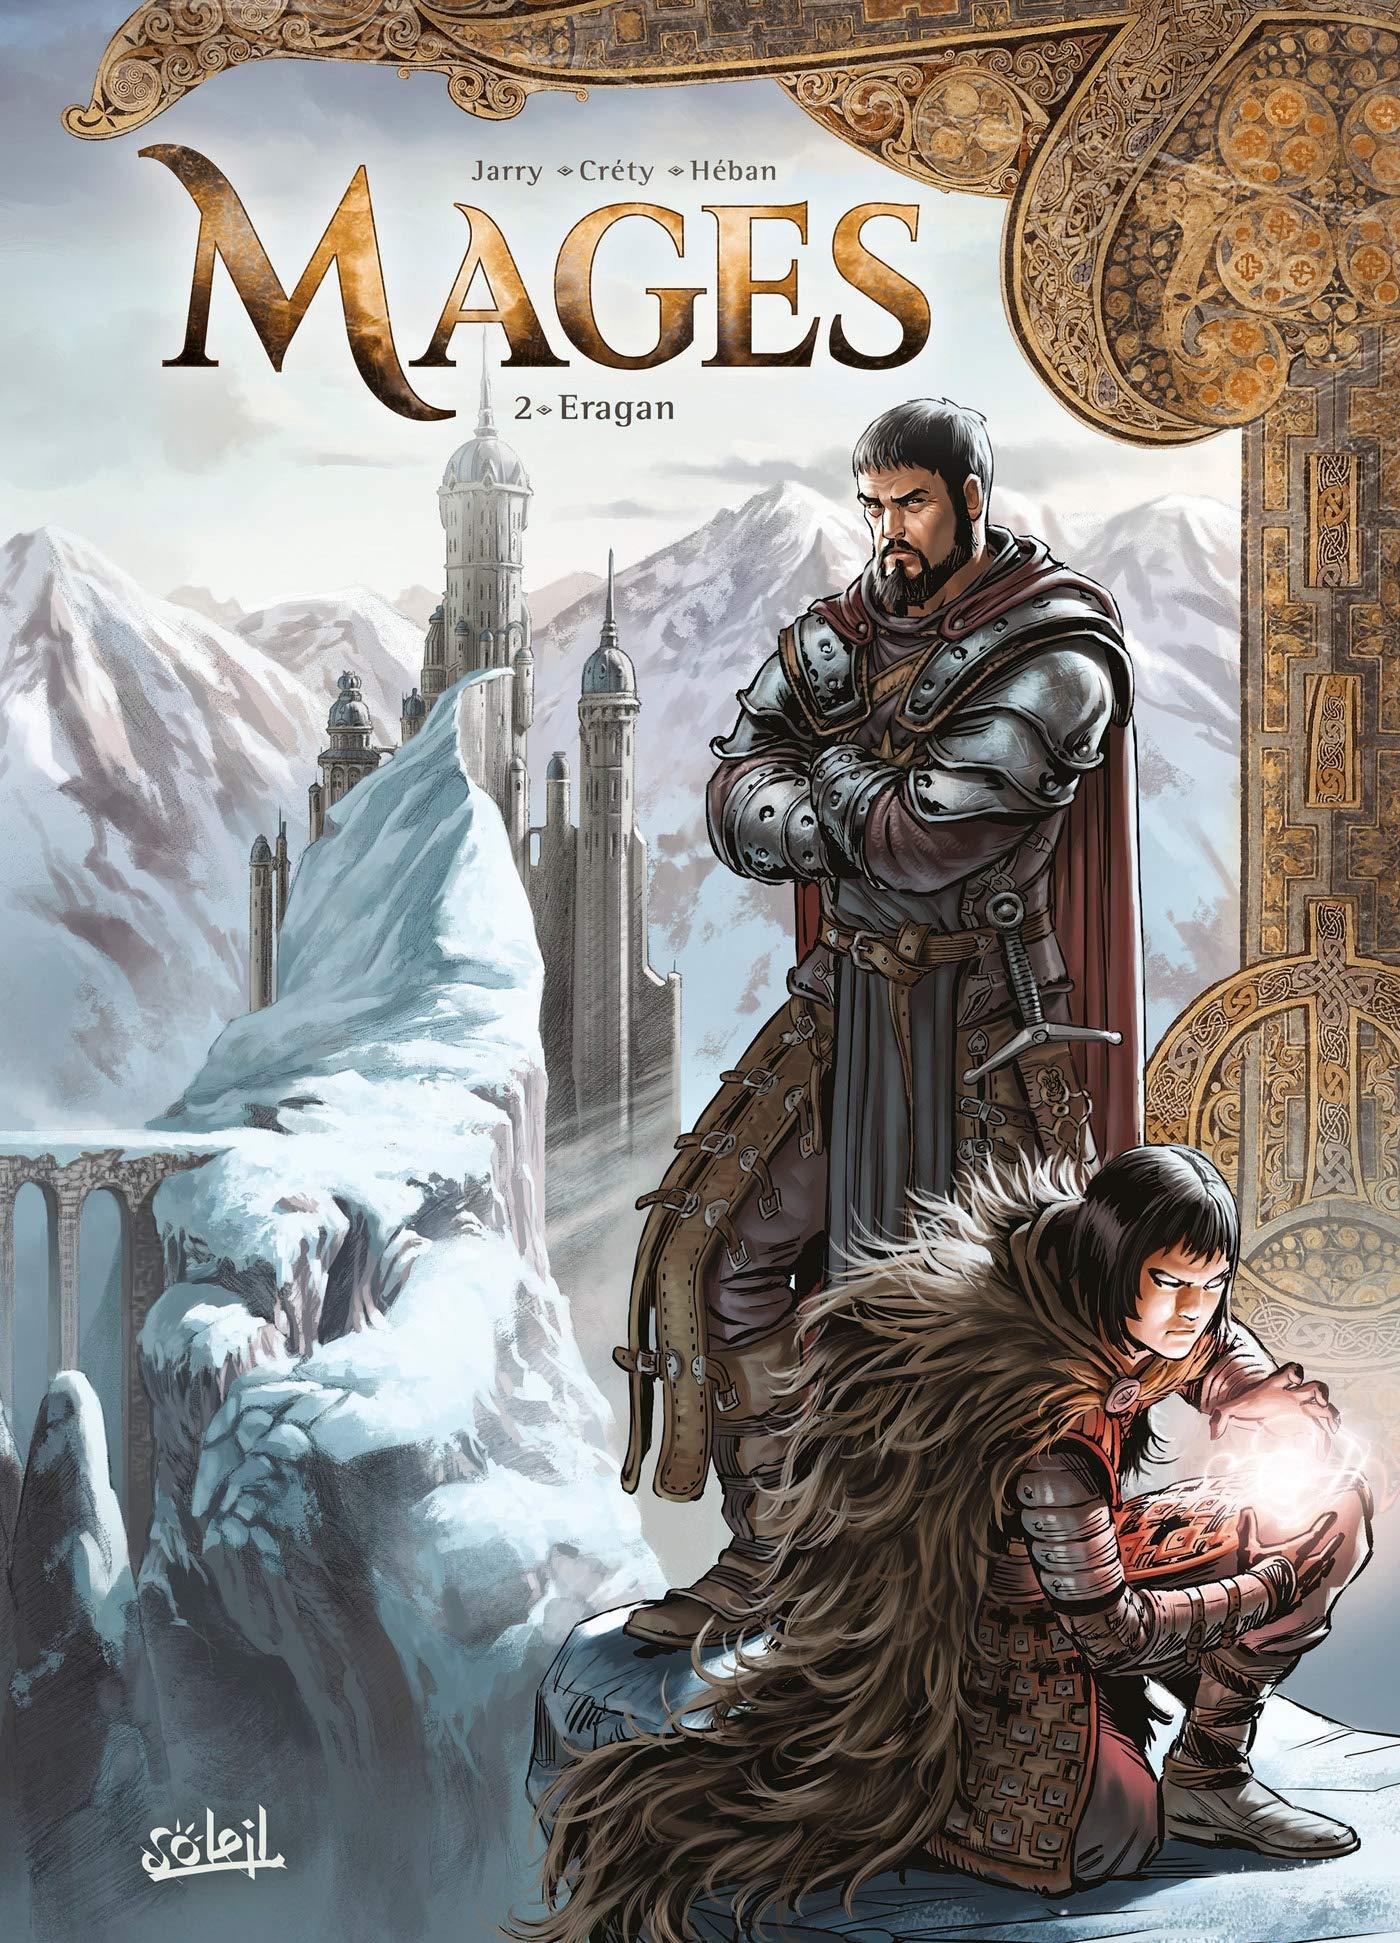 Mages 2 - Eragan